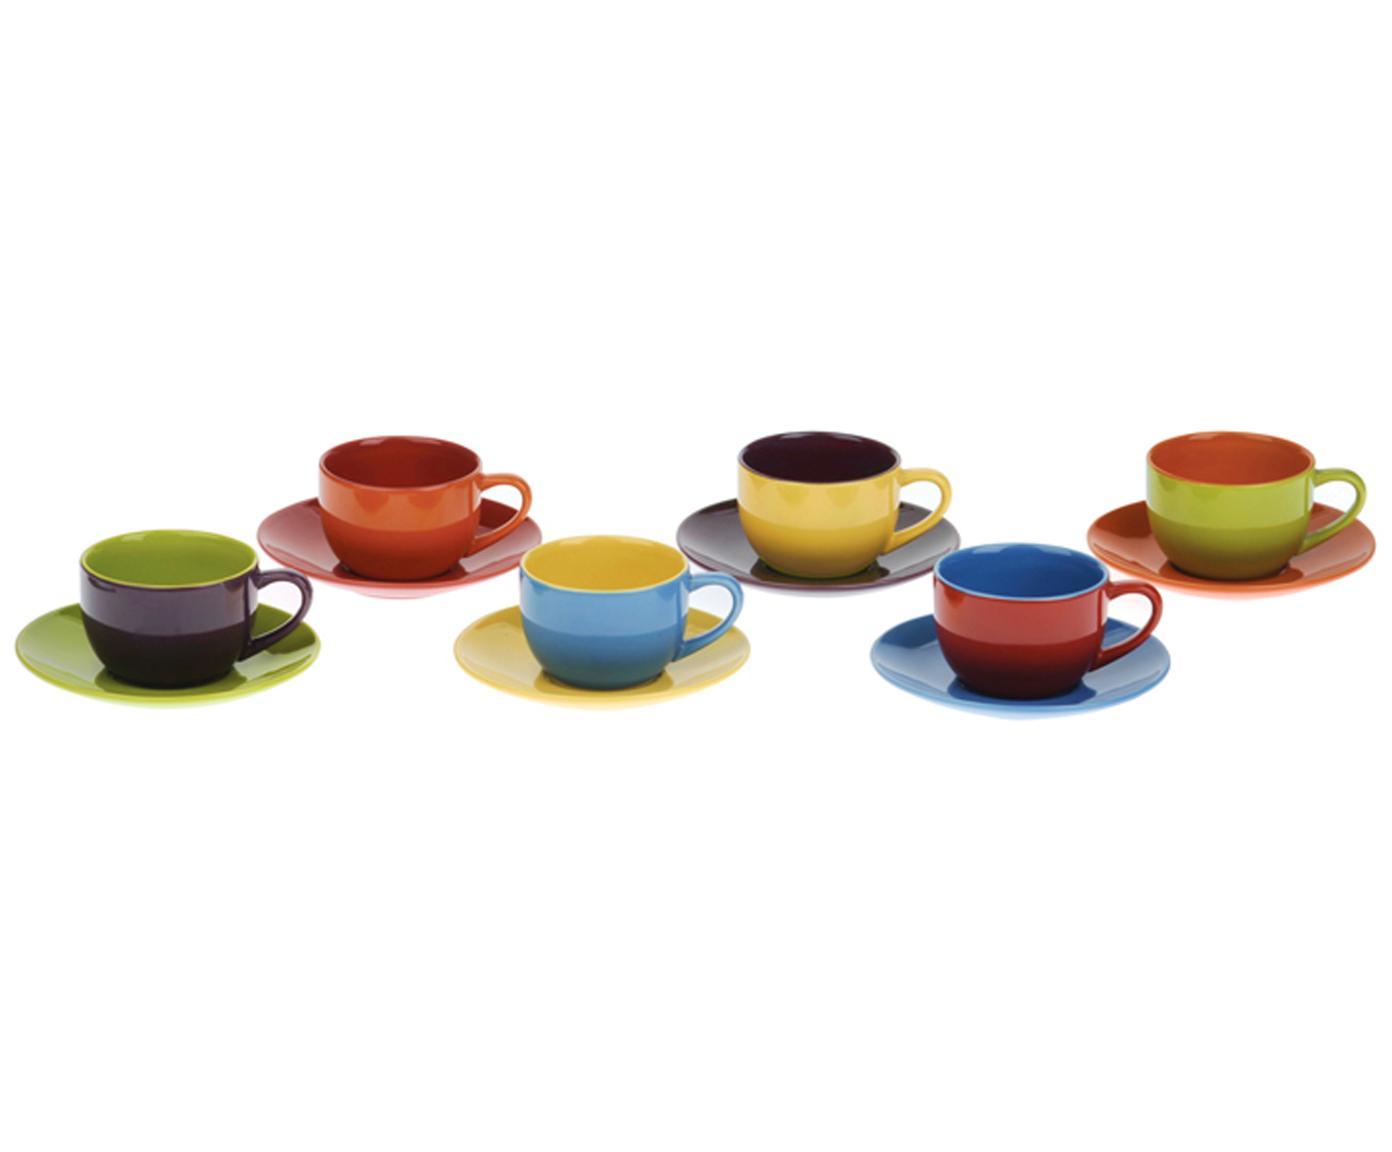 Espressokopjesset Harlequin, 12-delig, Keramiek, Multicolour, Ø 12 x H 5 cm